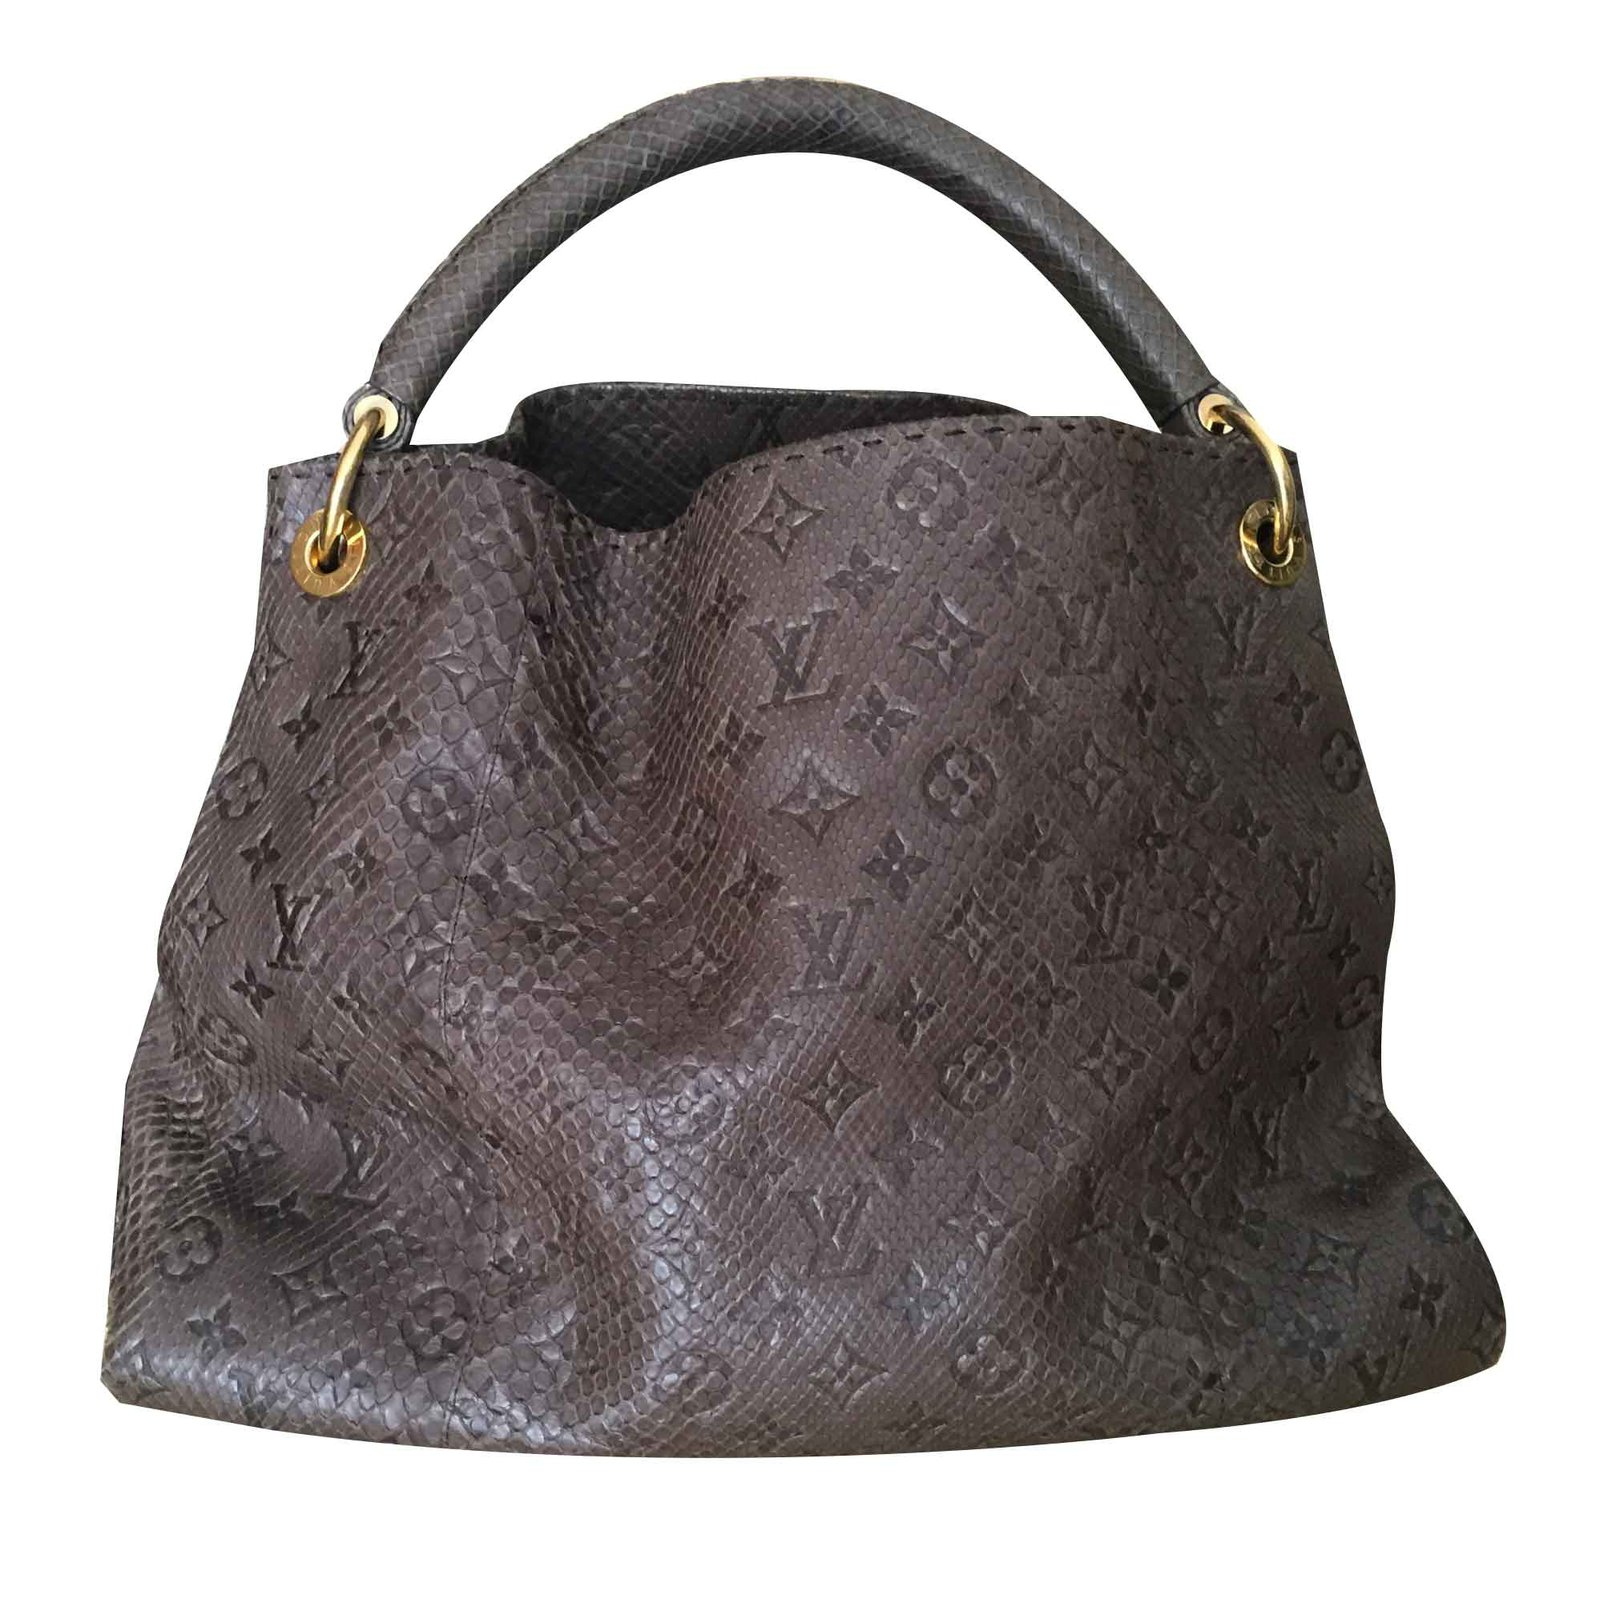 6e82224c24 Louis Vuitton Louis Vuitton Gris Brown Monogram Python Artsy MM ...